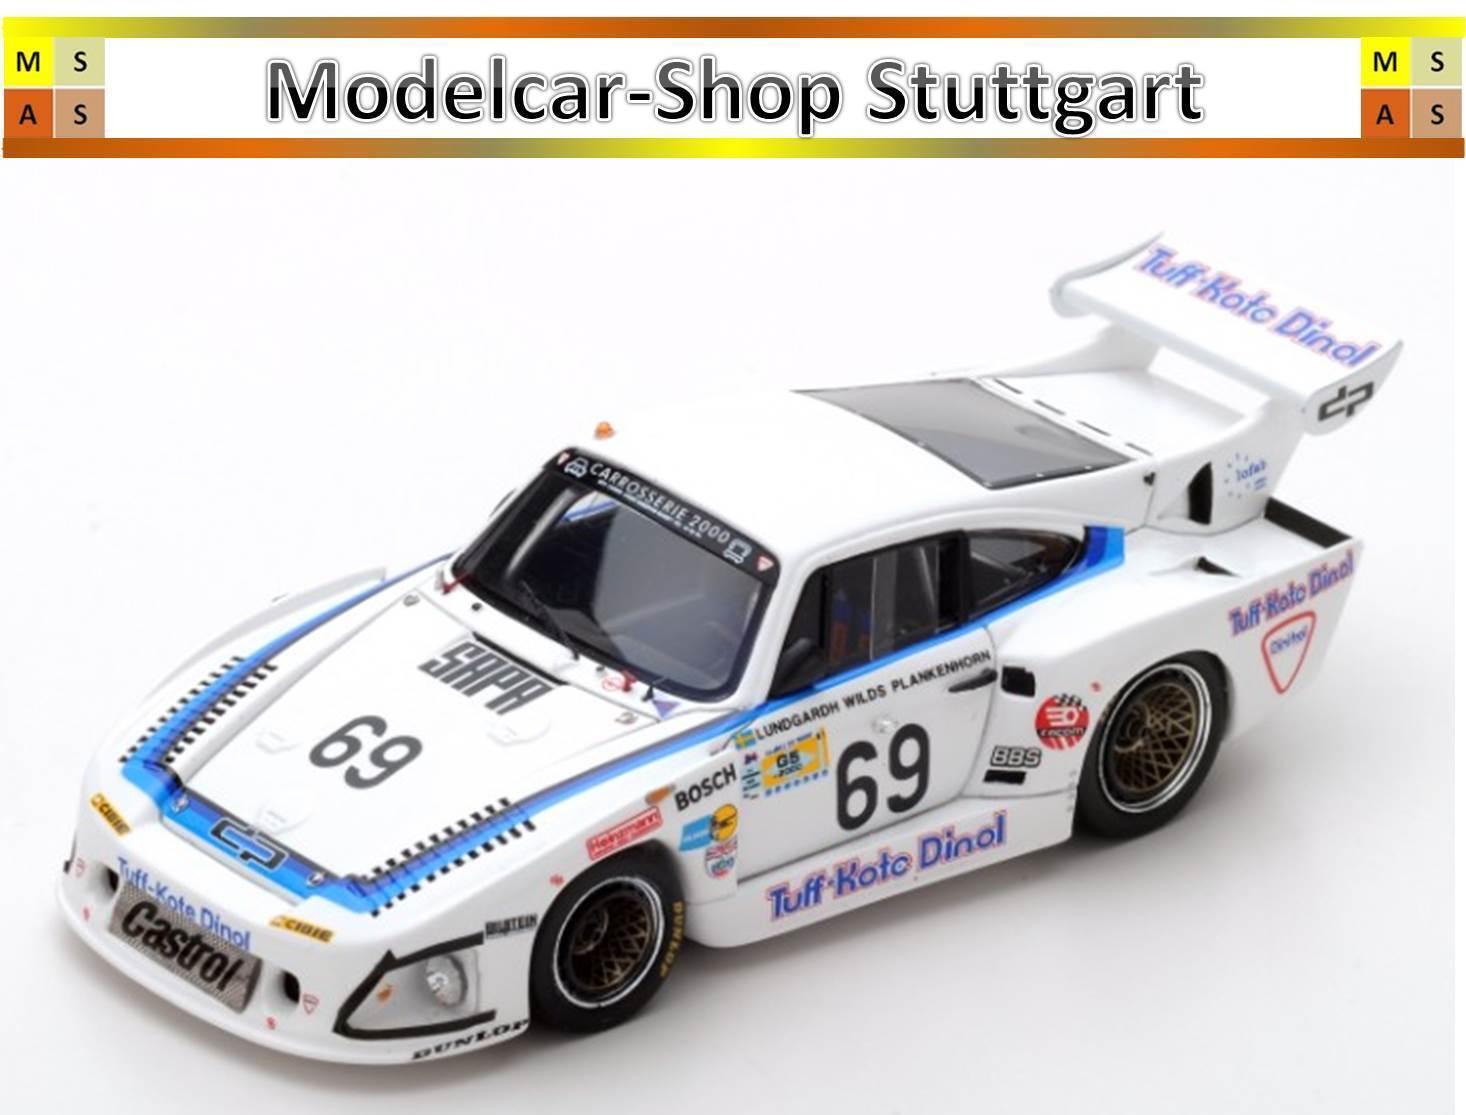 Porsche 935 L1 Le Mans 1981 - lundgardh - Wilds - Plankenhorn - Spark 1 43